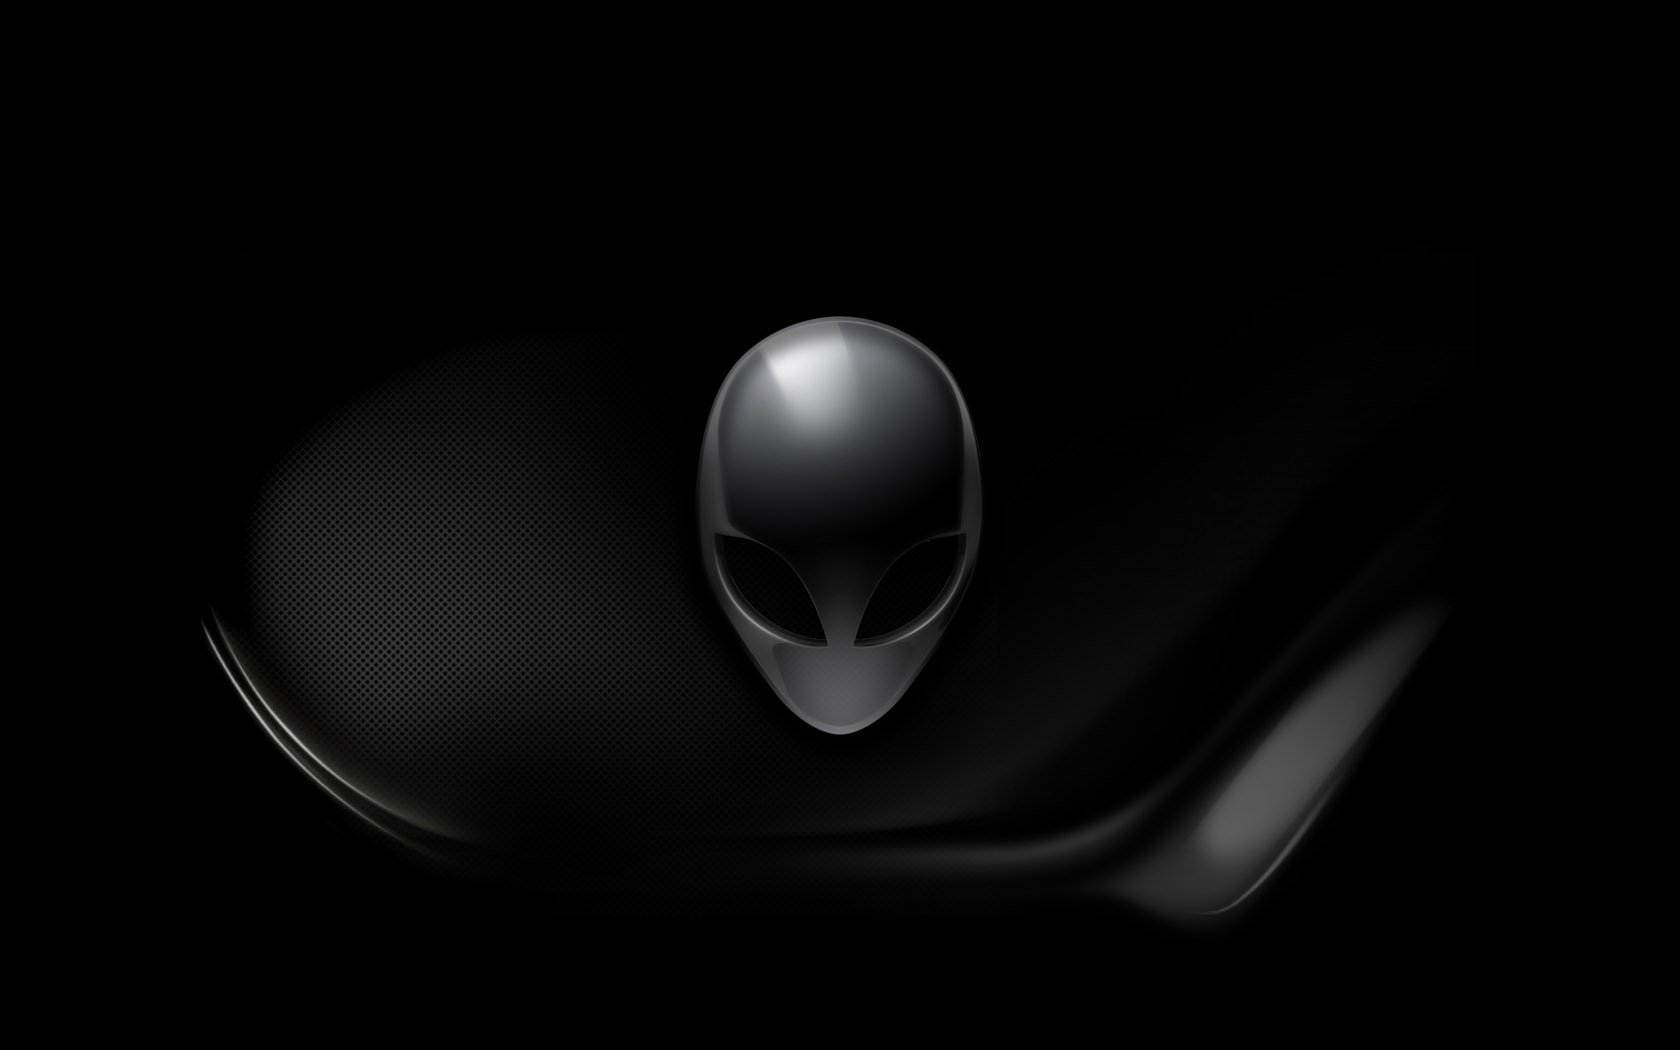 技术 - 外星人  壁纸